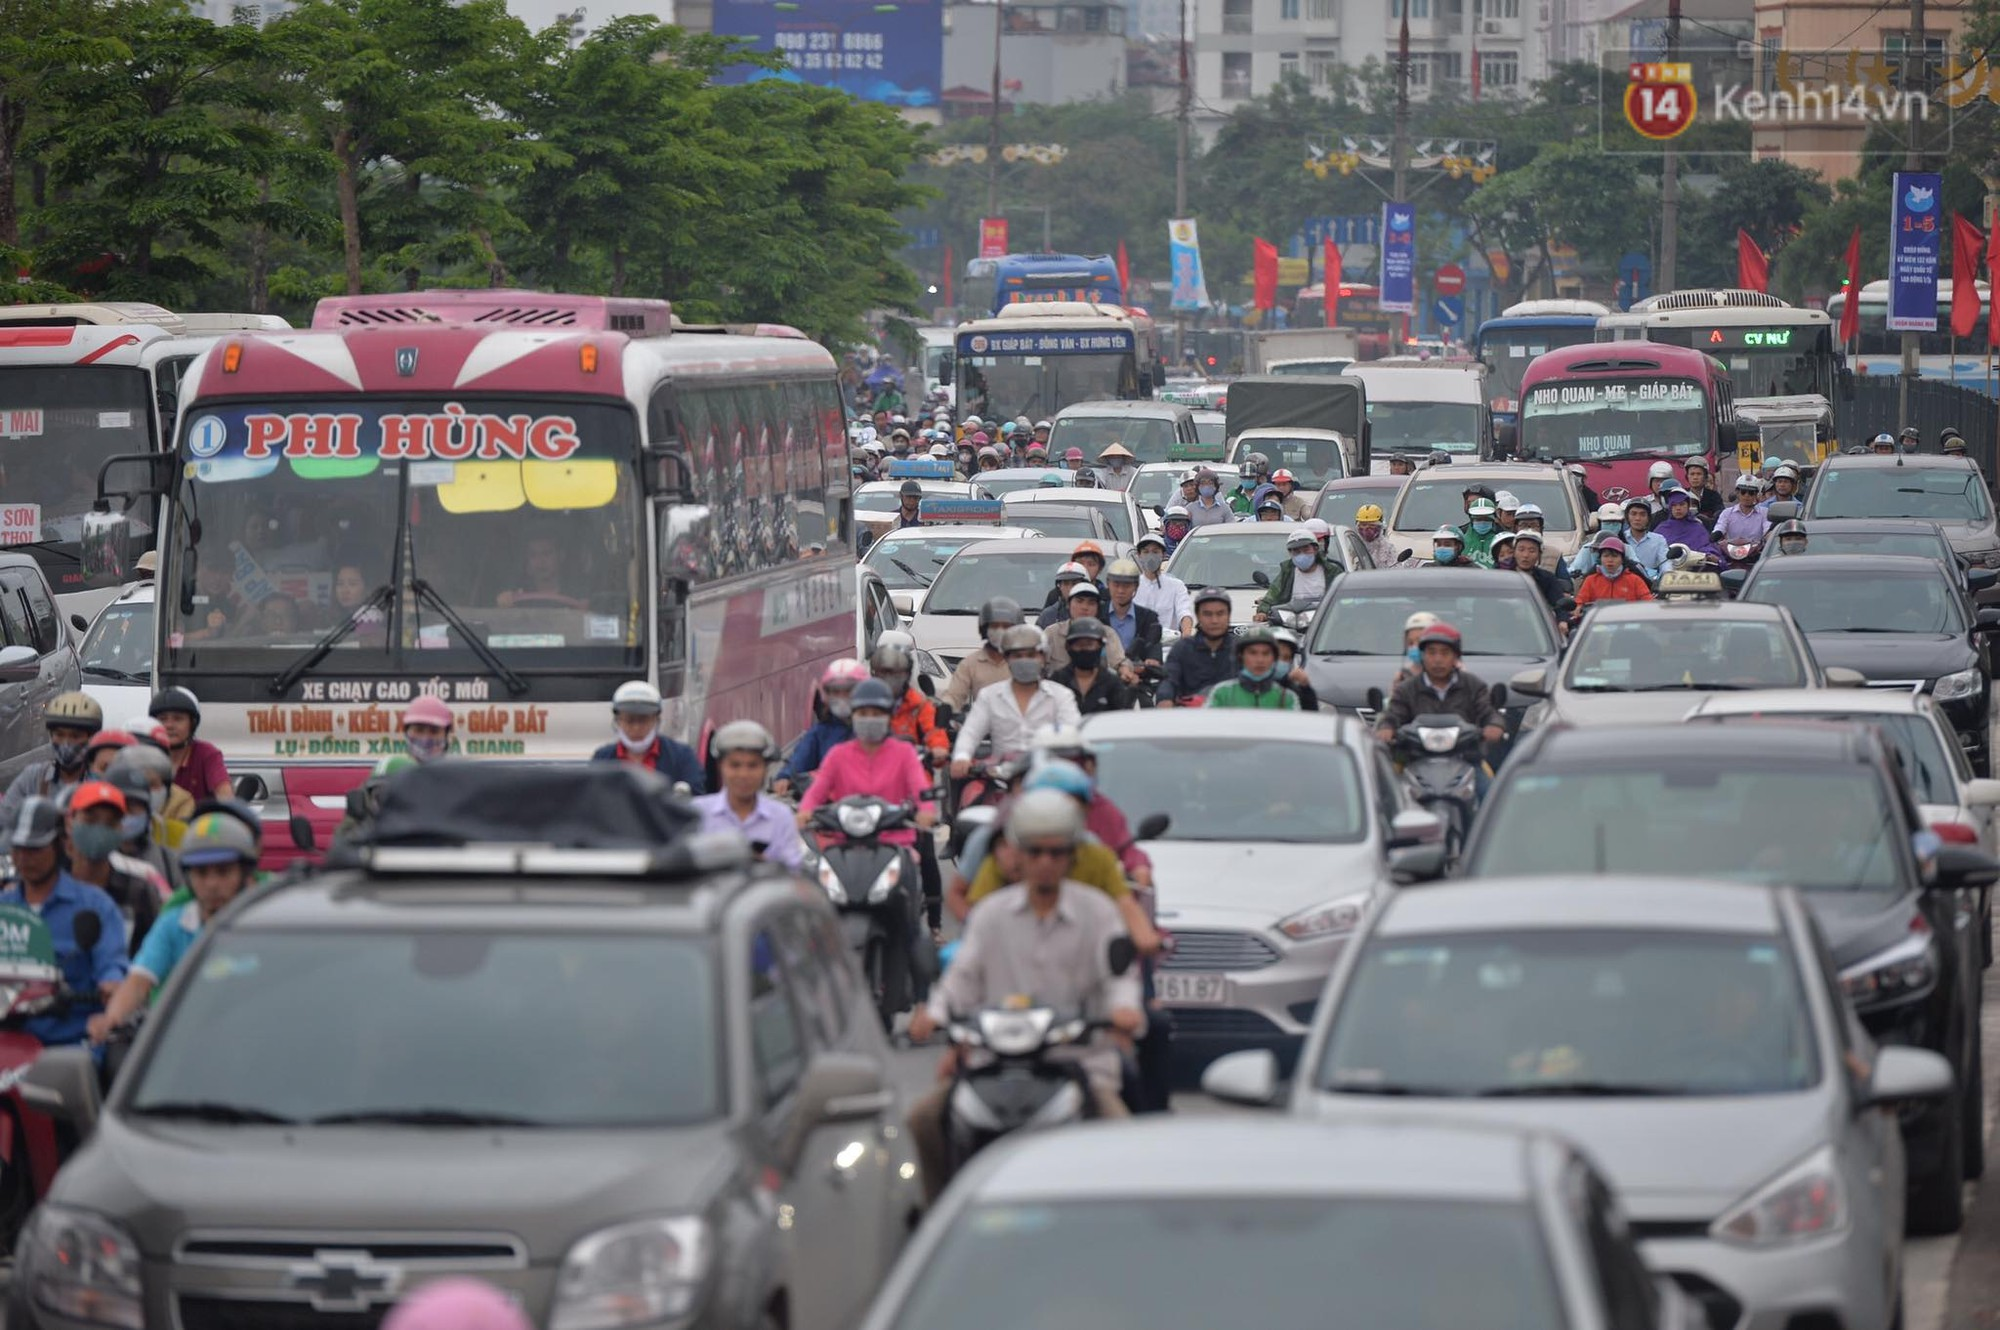 Kết thúc ngày làm việc trước kỳ nghỉ lễ 30/4, hàng nghìn người dân khăn gói về quê khiến nhiều tuyến đường ách tắc 10